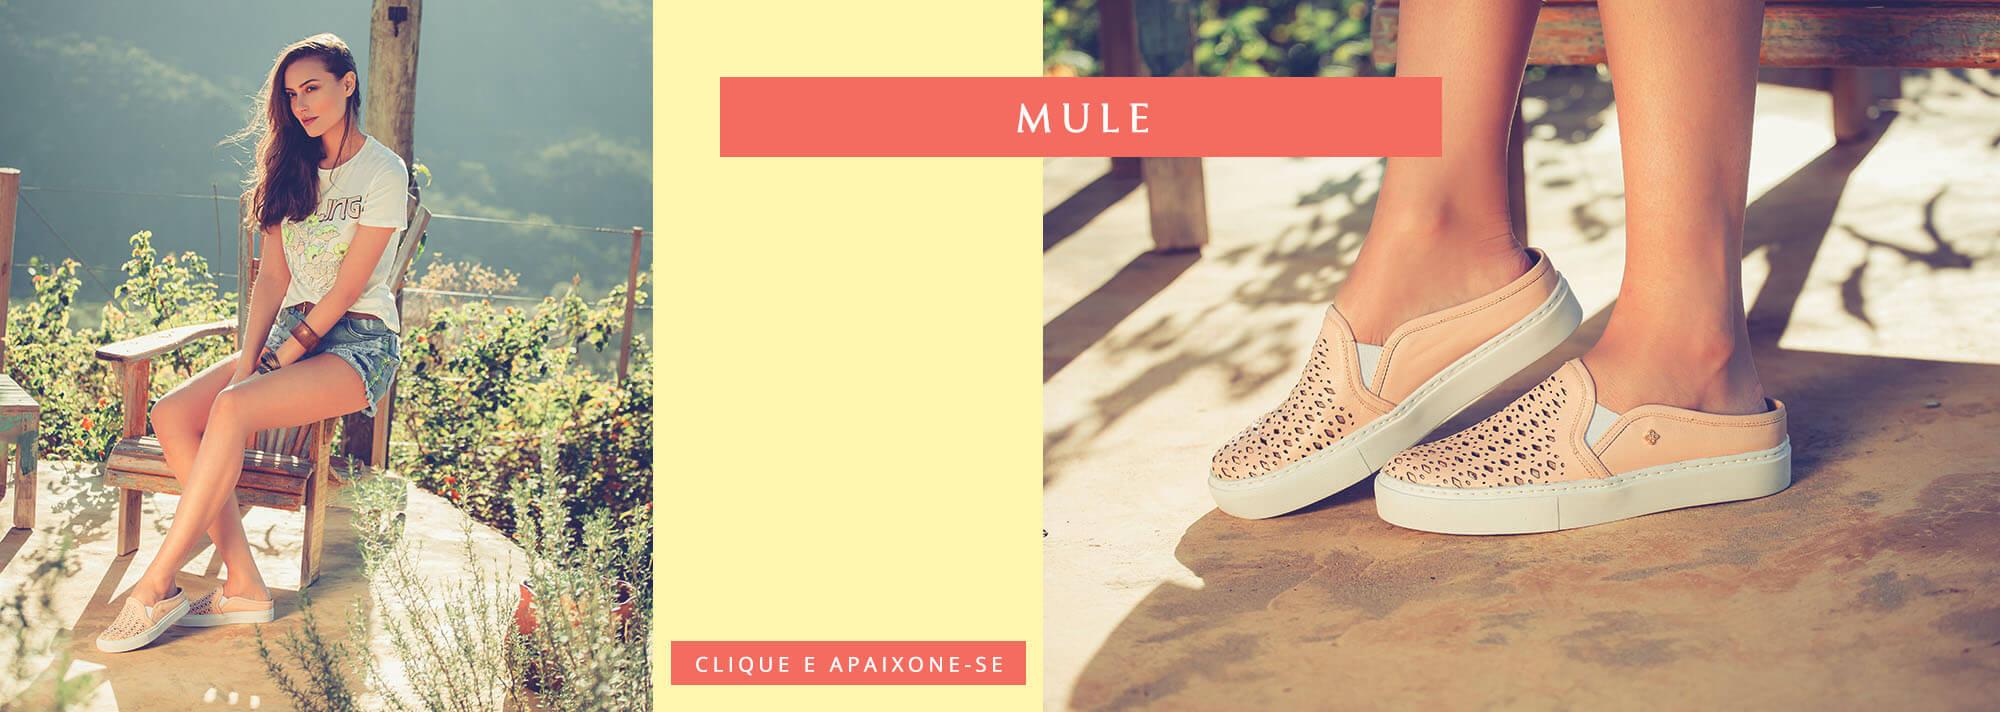 Full Banner - Verão 2020 - Mule